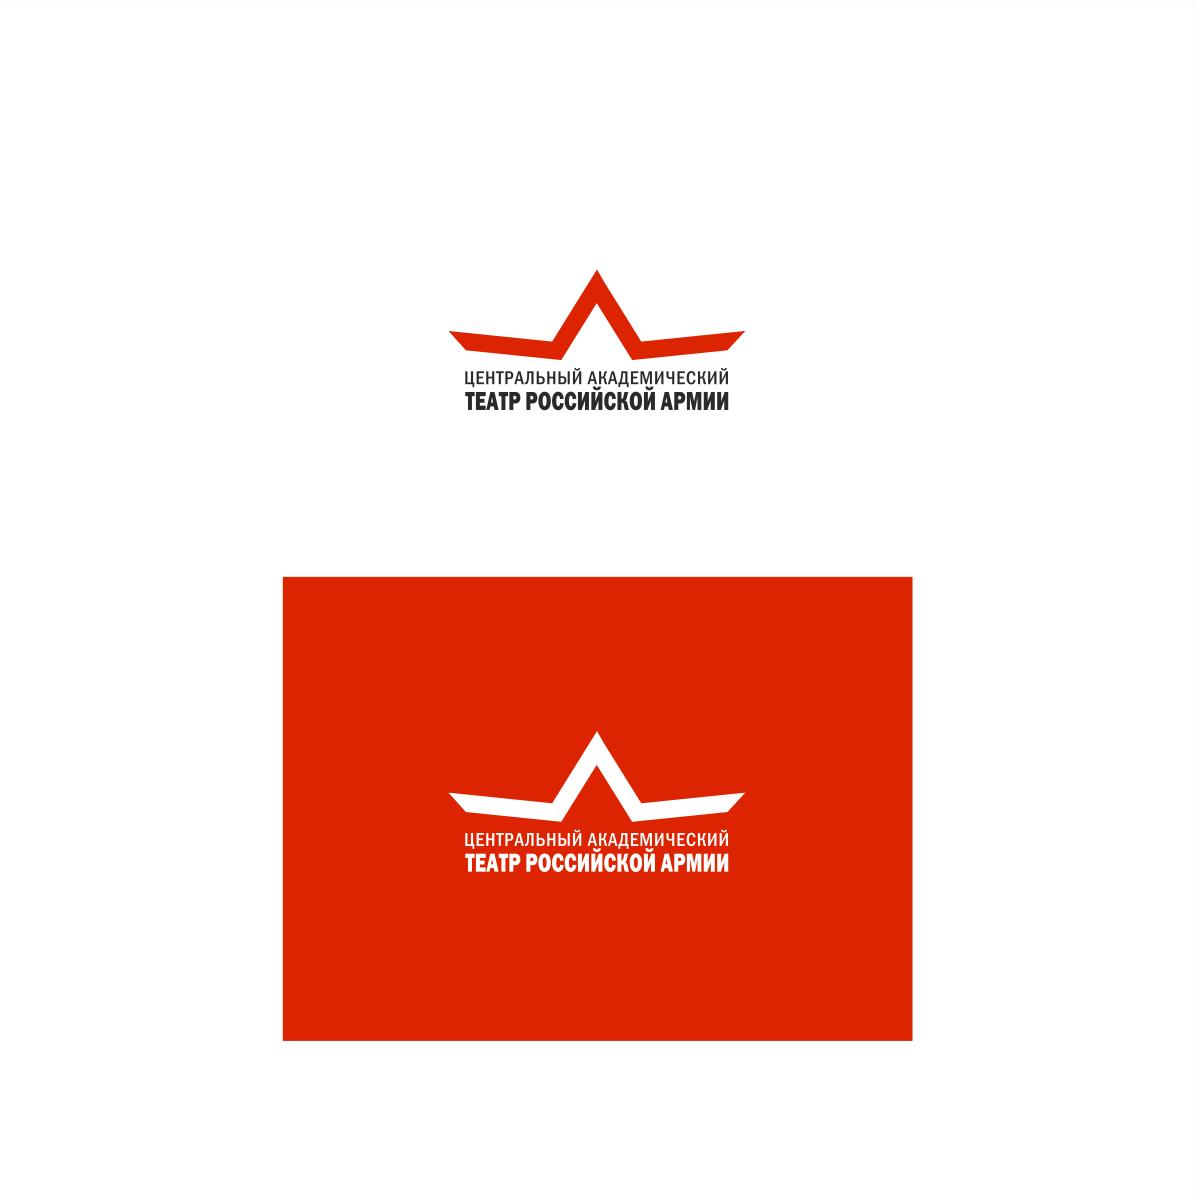 Разработка логотипа для Театра Российской Армии фото f_9385880d7aedc8cc.png